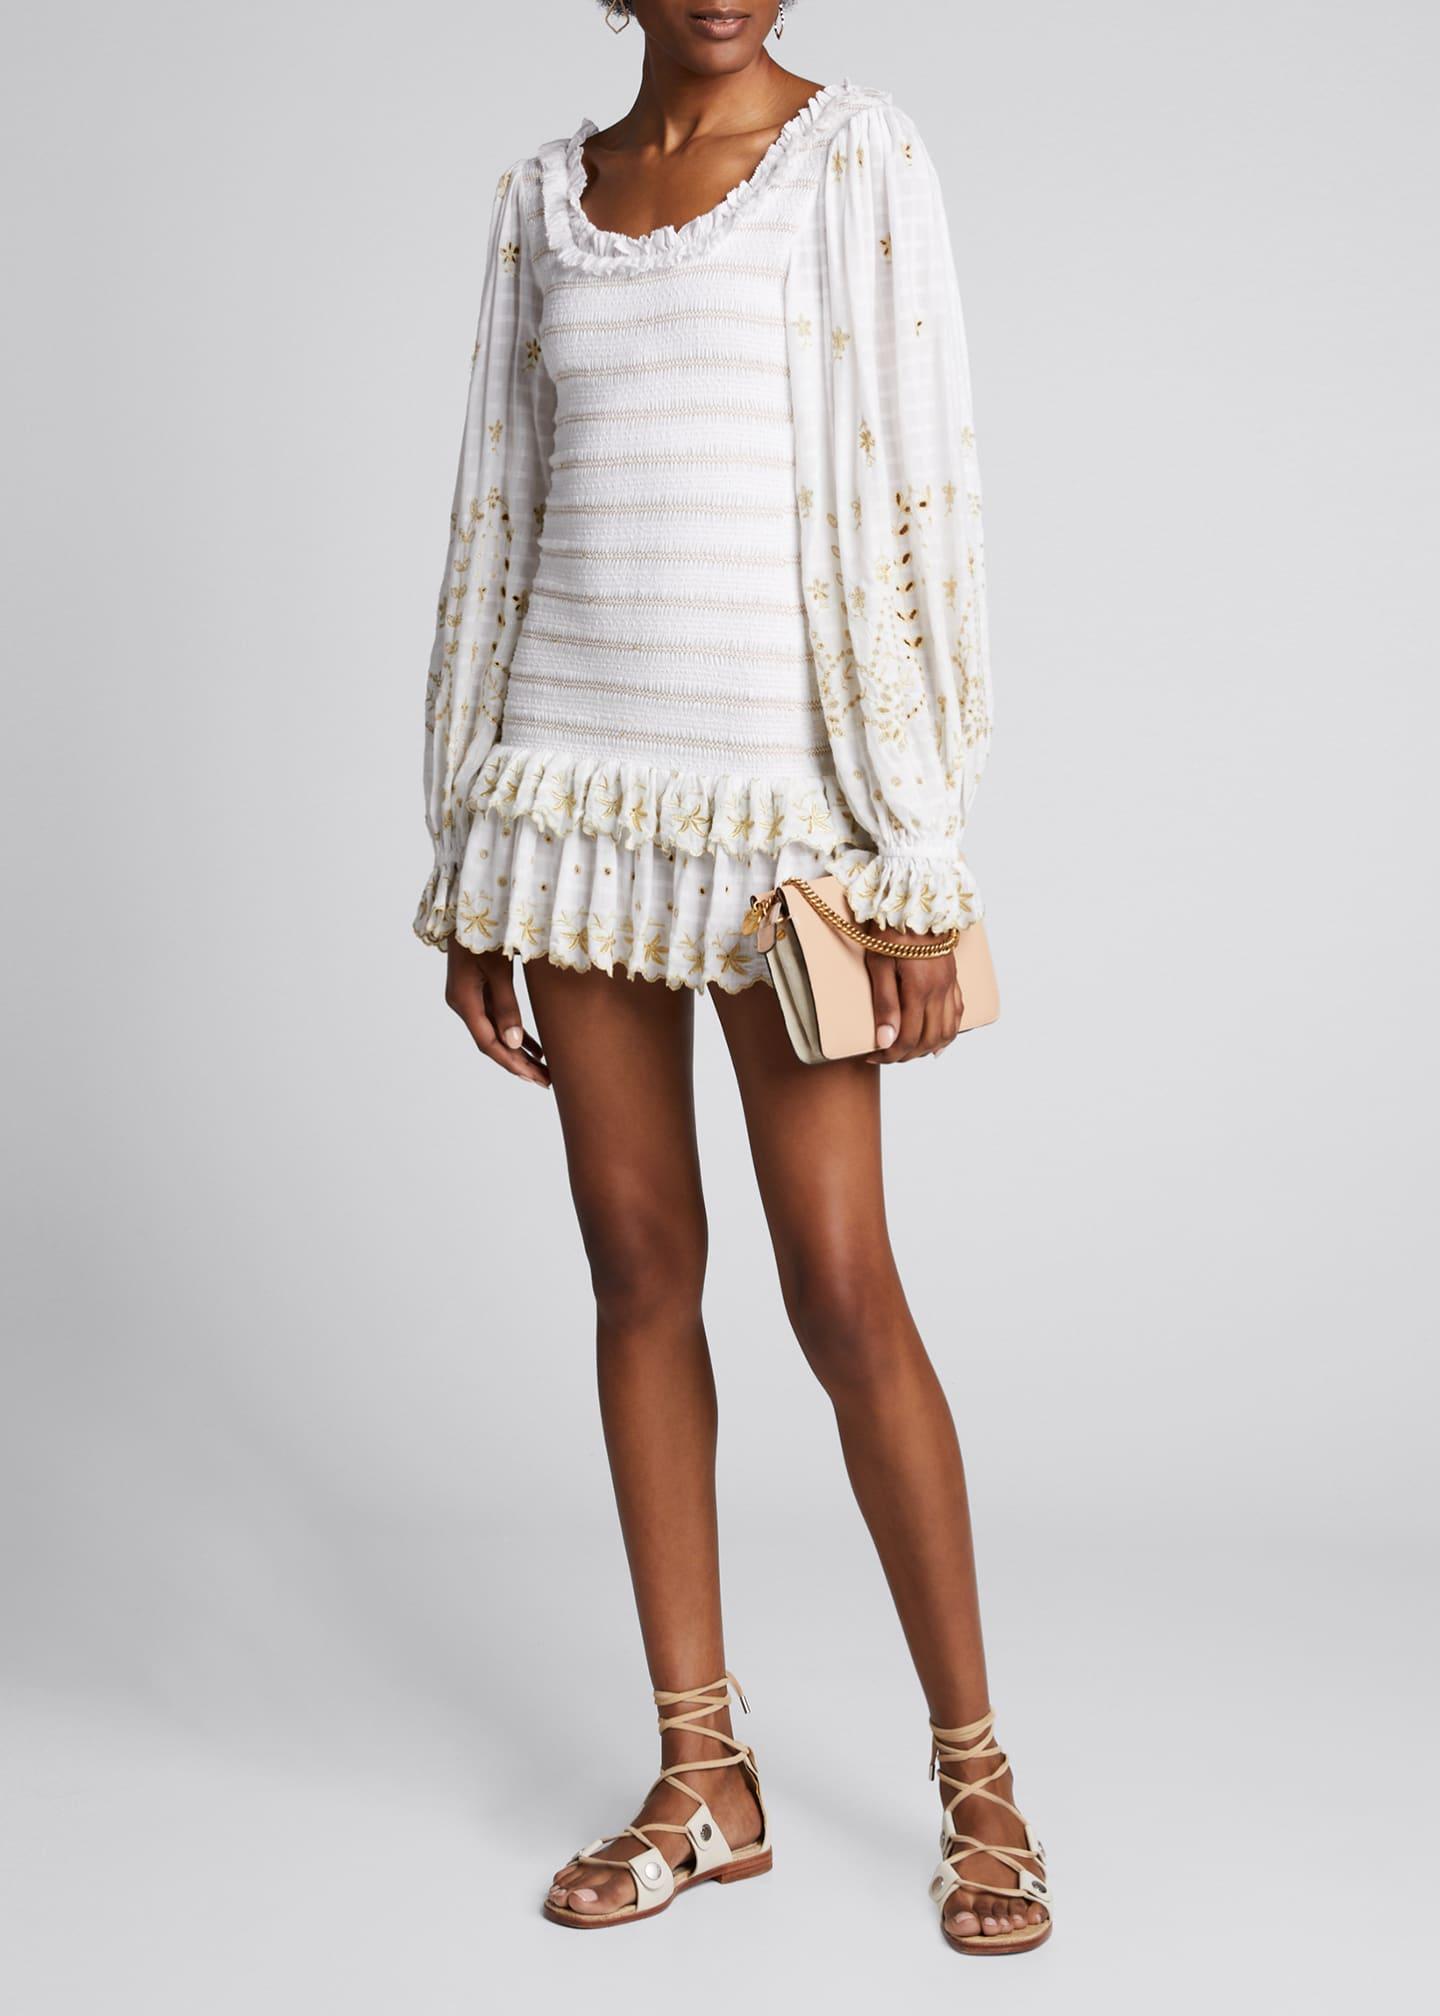 LoveShackFancy Celia Embroidered Blouson-Sleeve Mini Dress